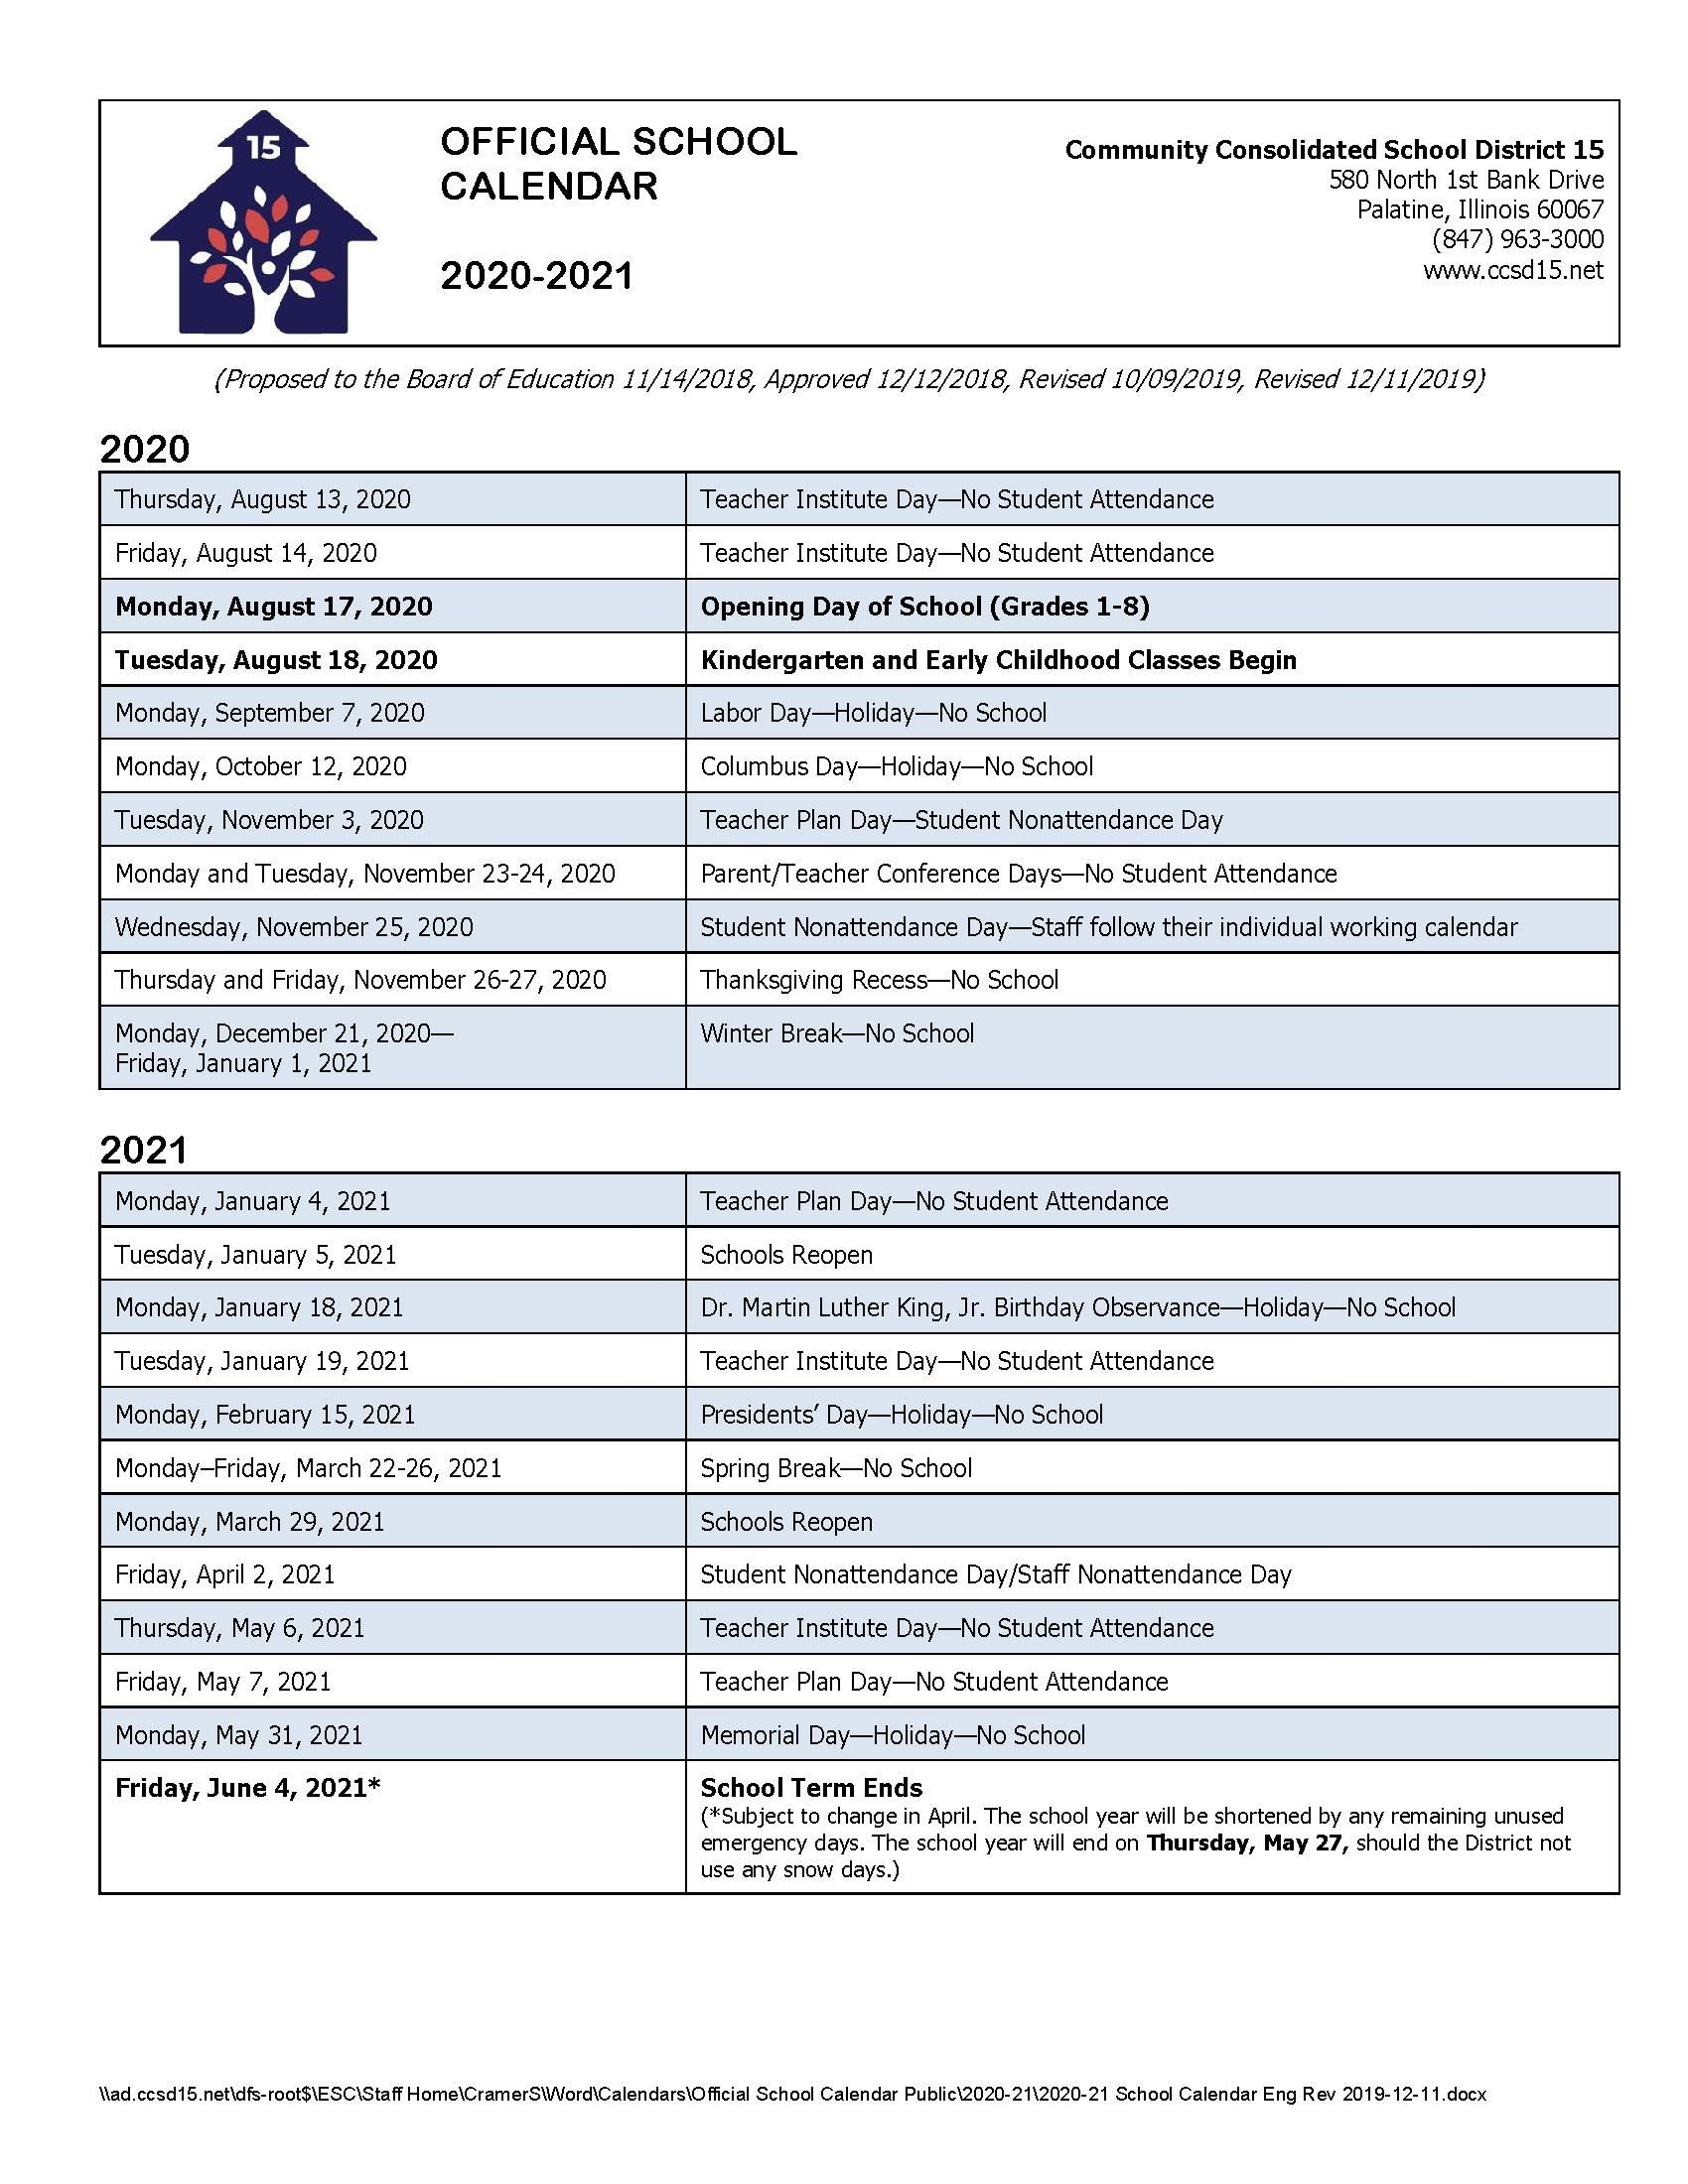 Calendars / 2020 21 Official School Calendar With Chamberlain University Schedule 2021